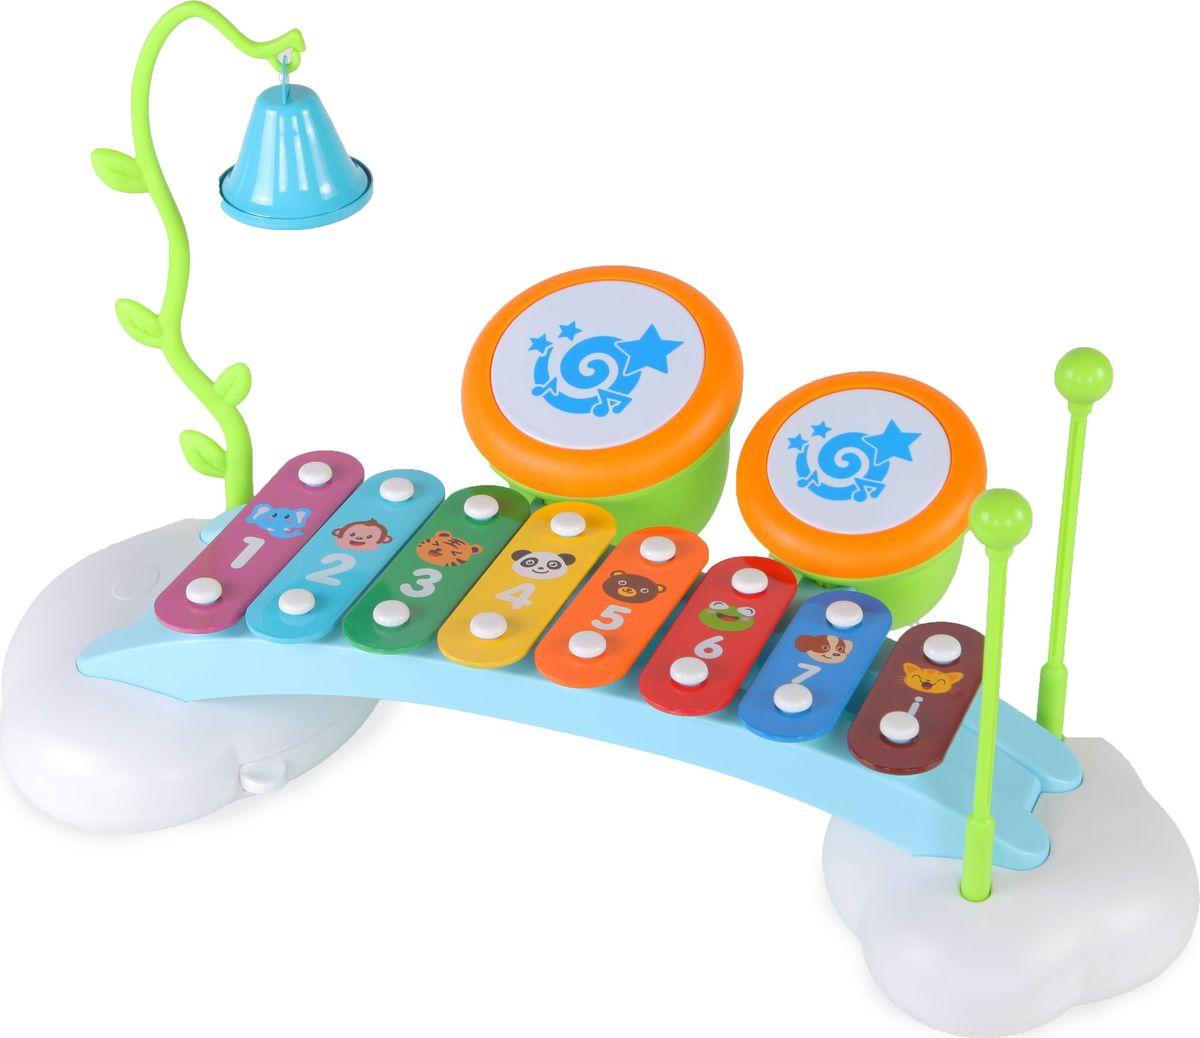 Huile Toys Развивающий музыкальный центр 3 в 1 Ксилофон Радуга huile toys развивающая игрушка руль